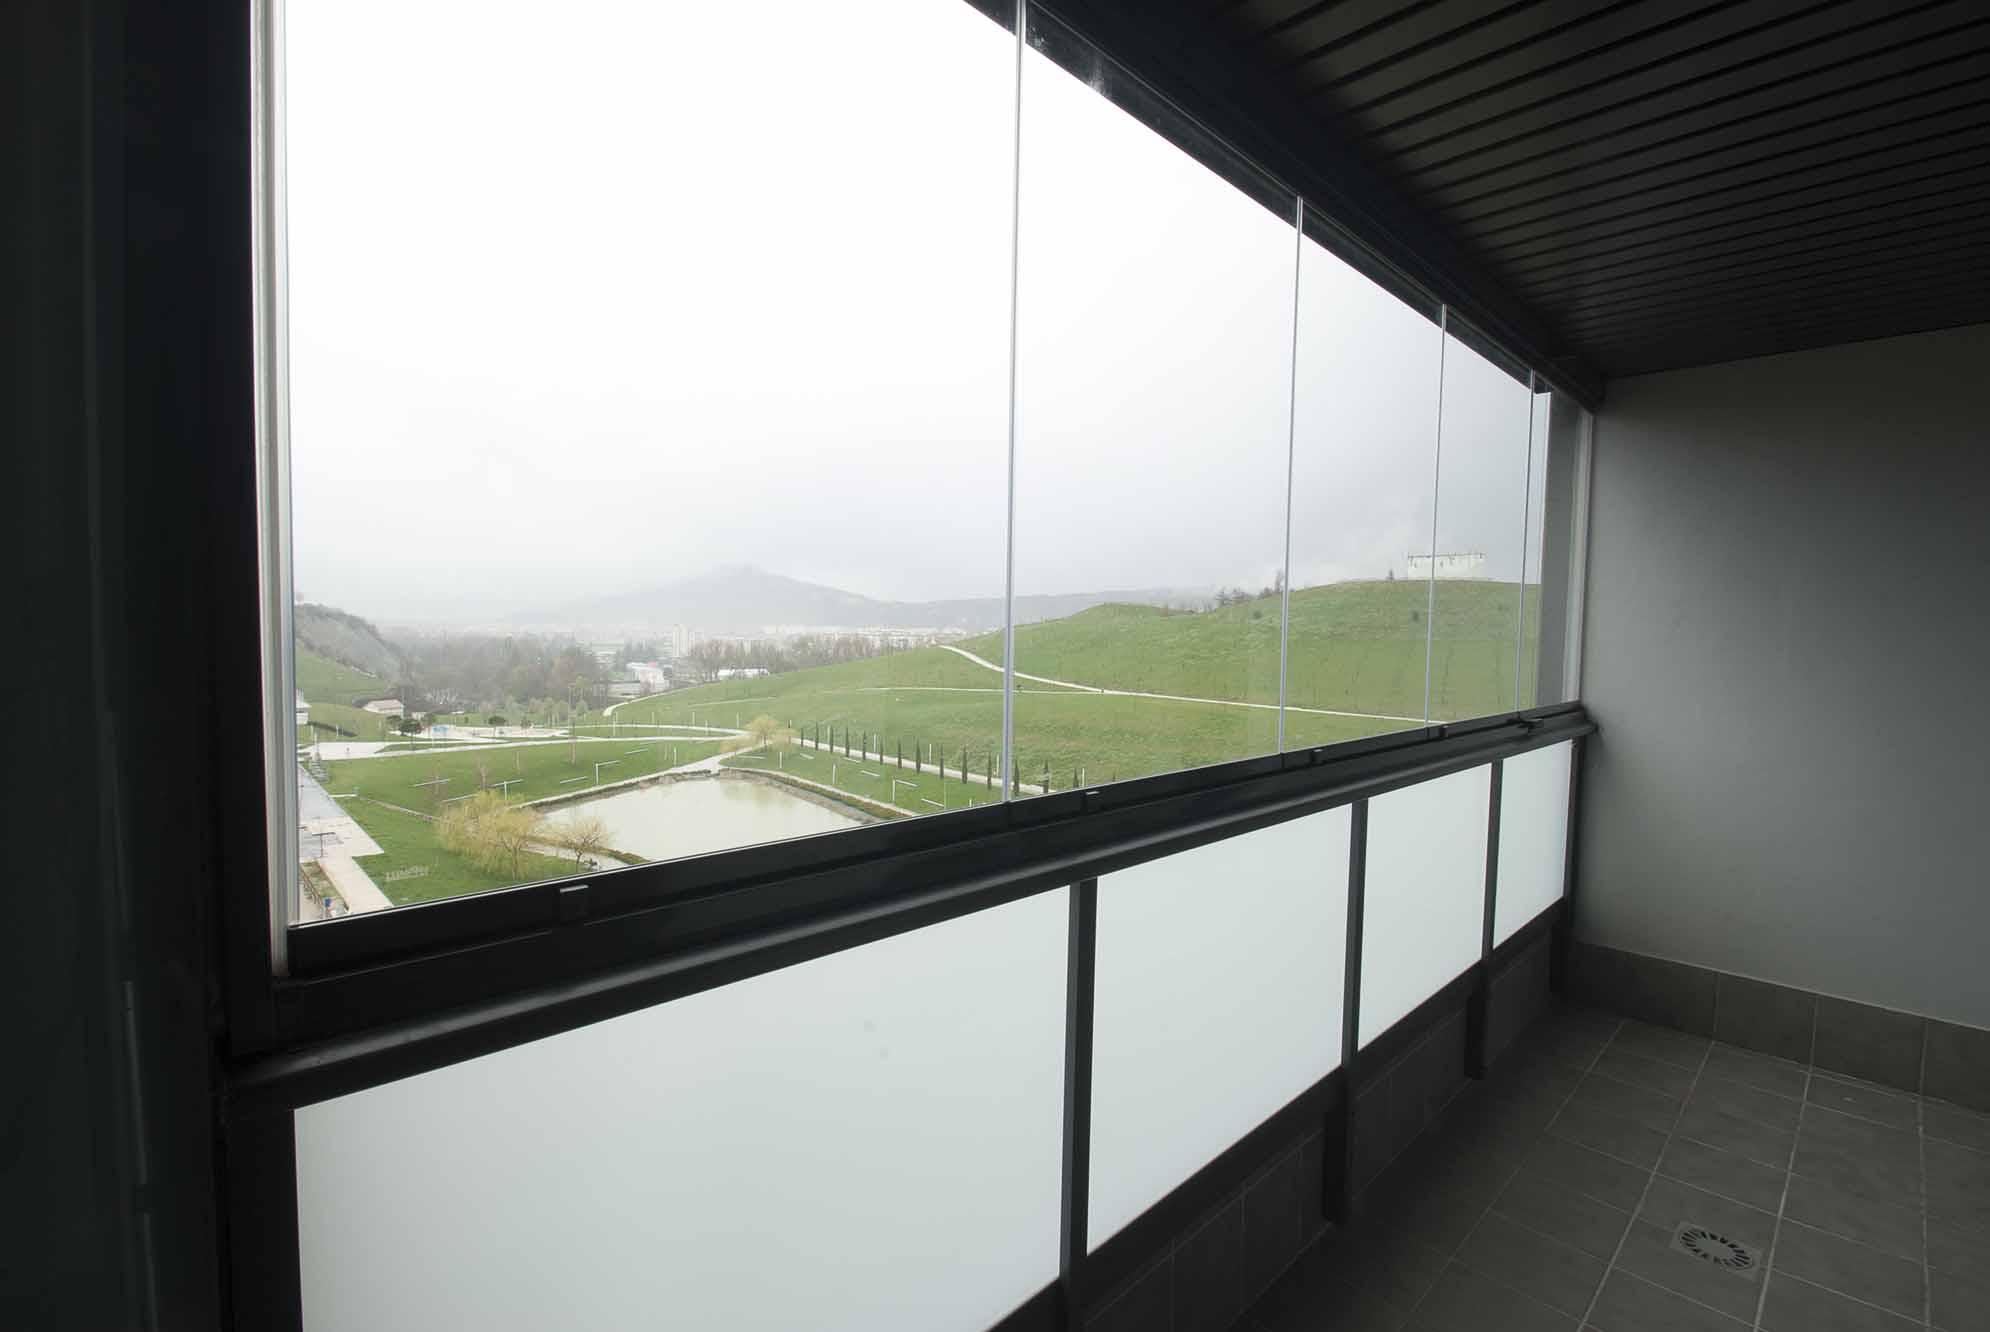 cerramiento-cristal-balcon-cortinas-lumon-1